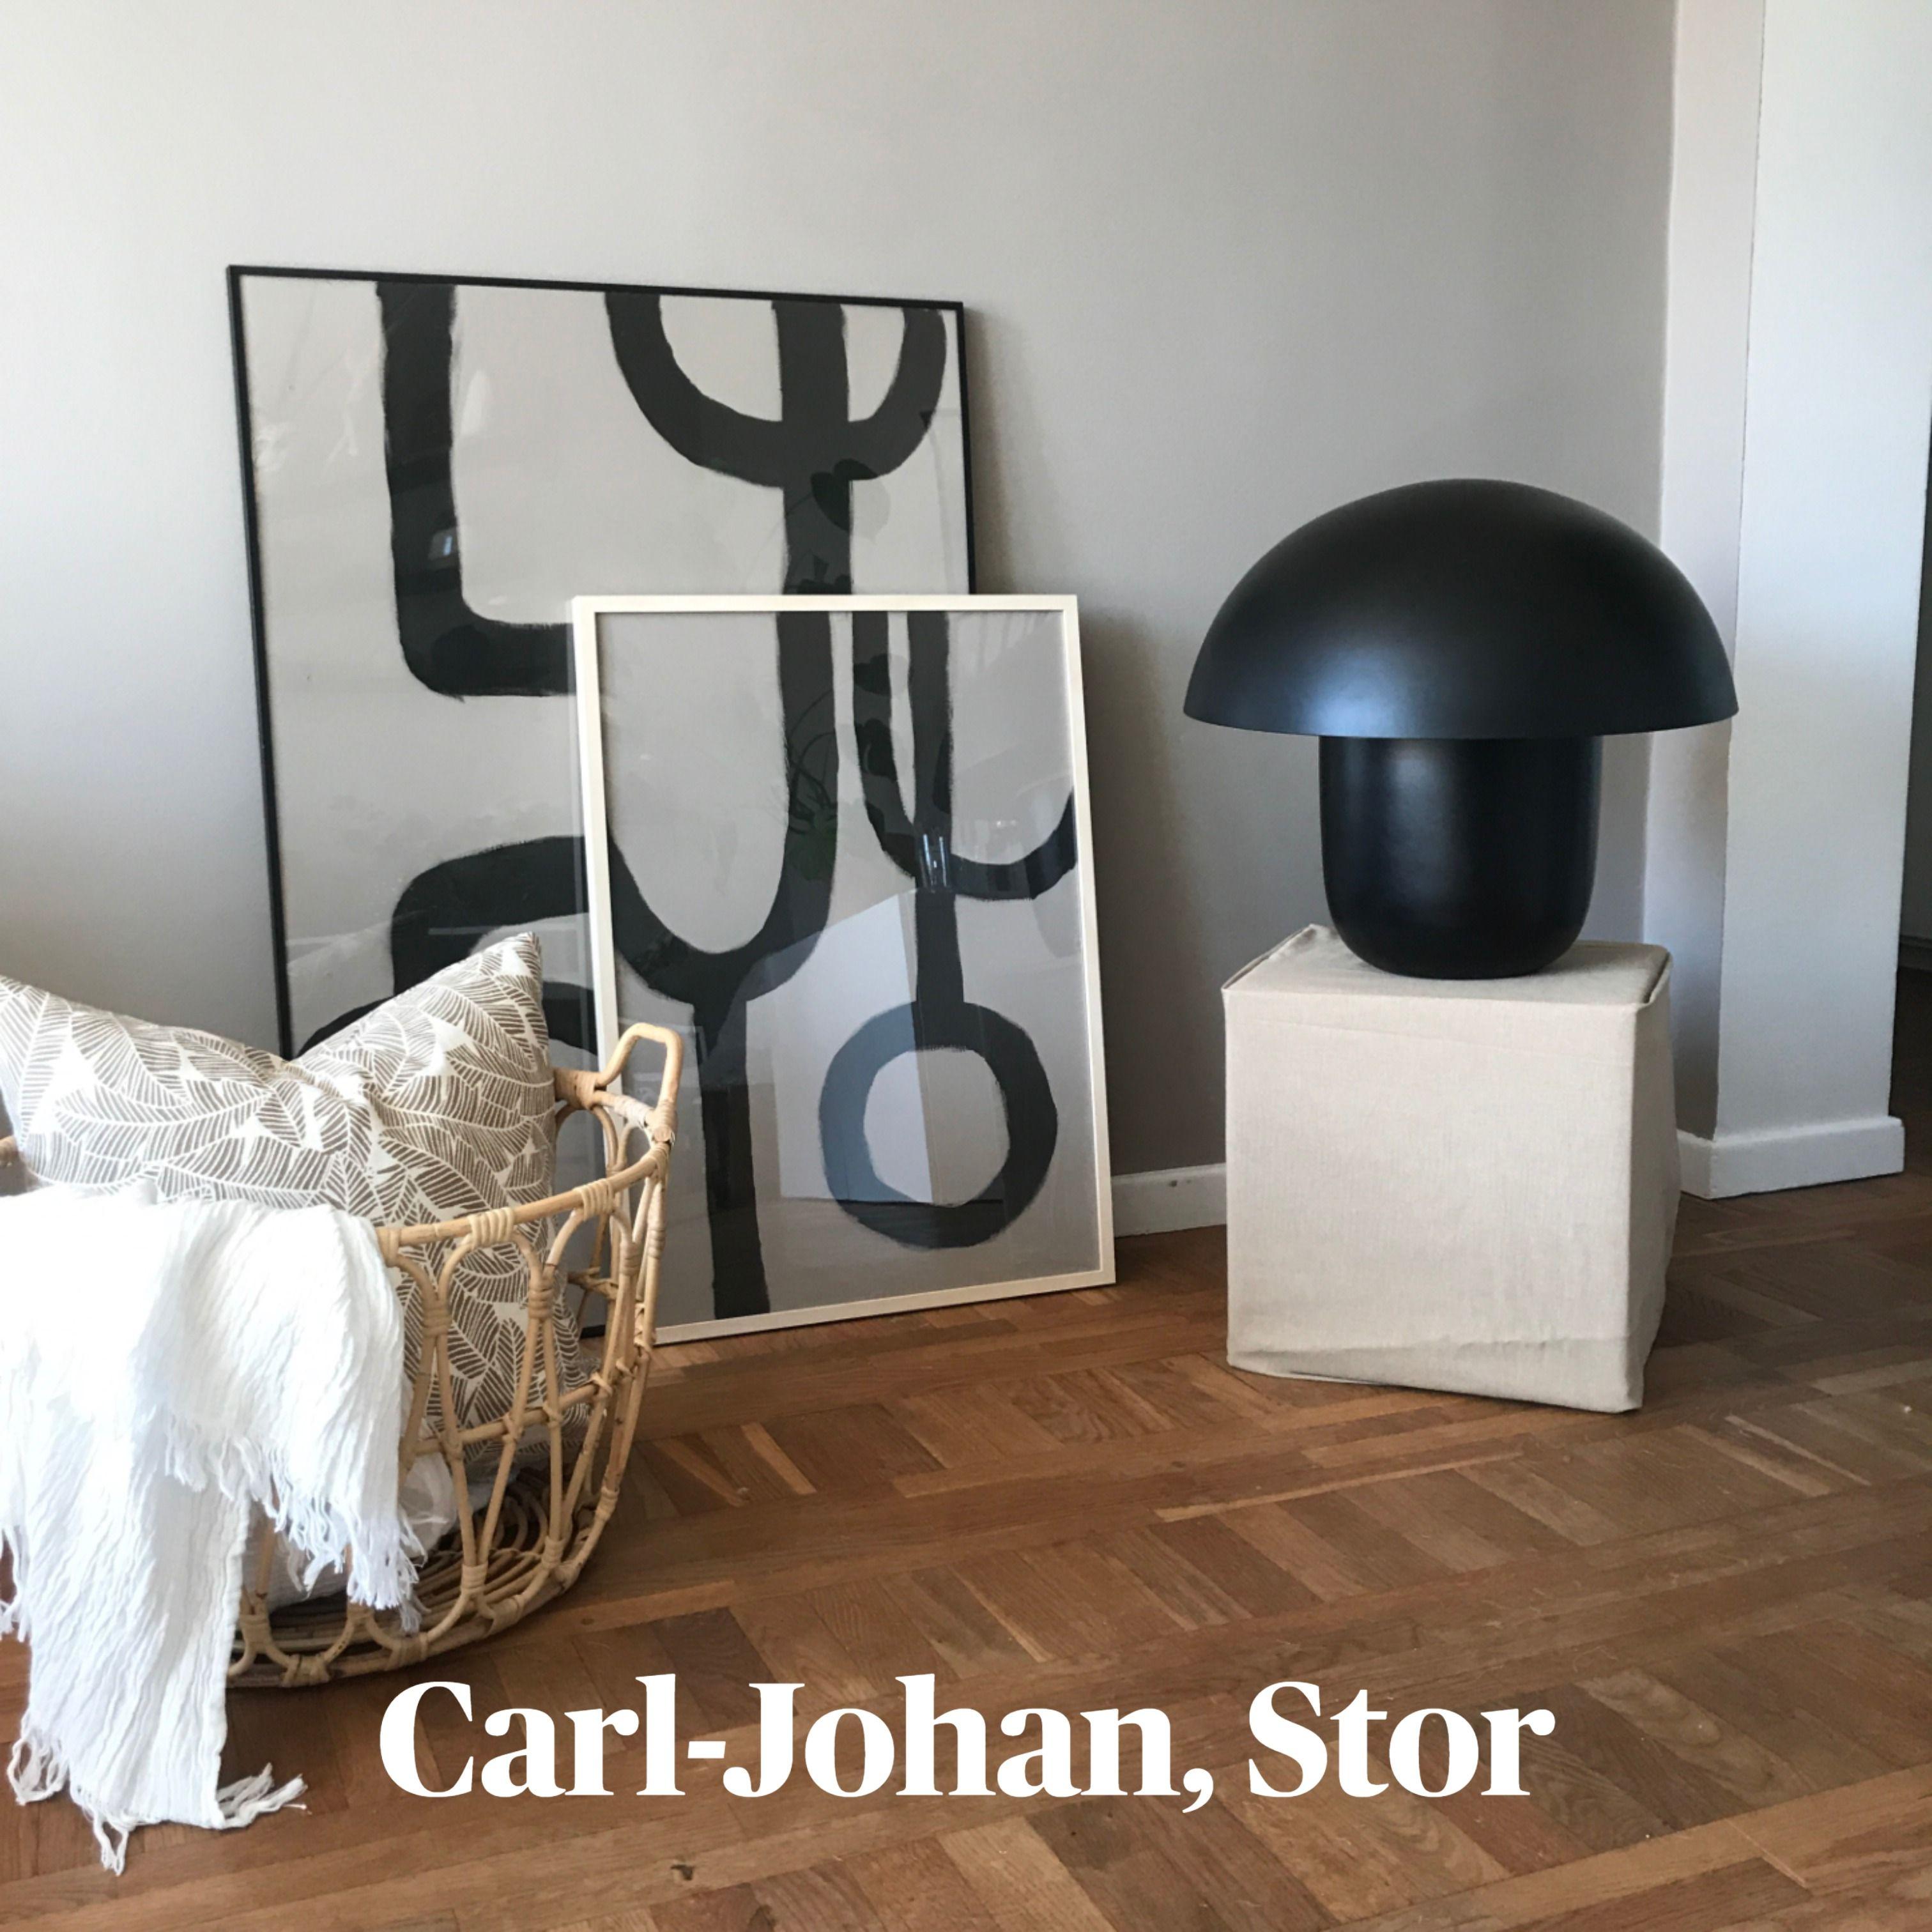 Stilrena Carl Johan Lampa i svampliknande design från